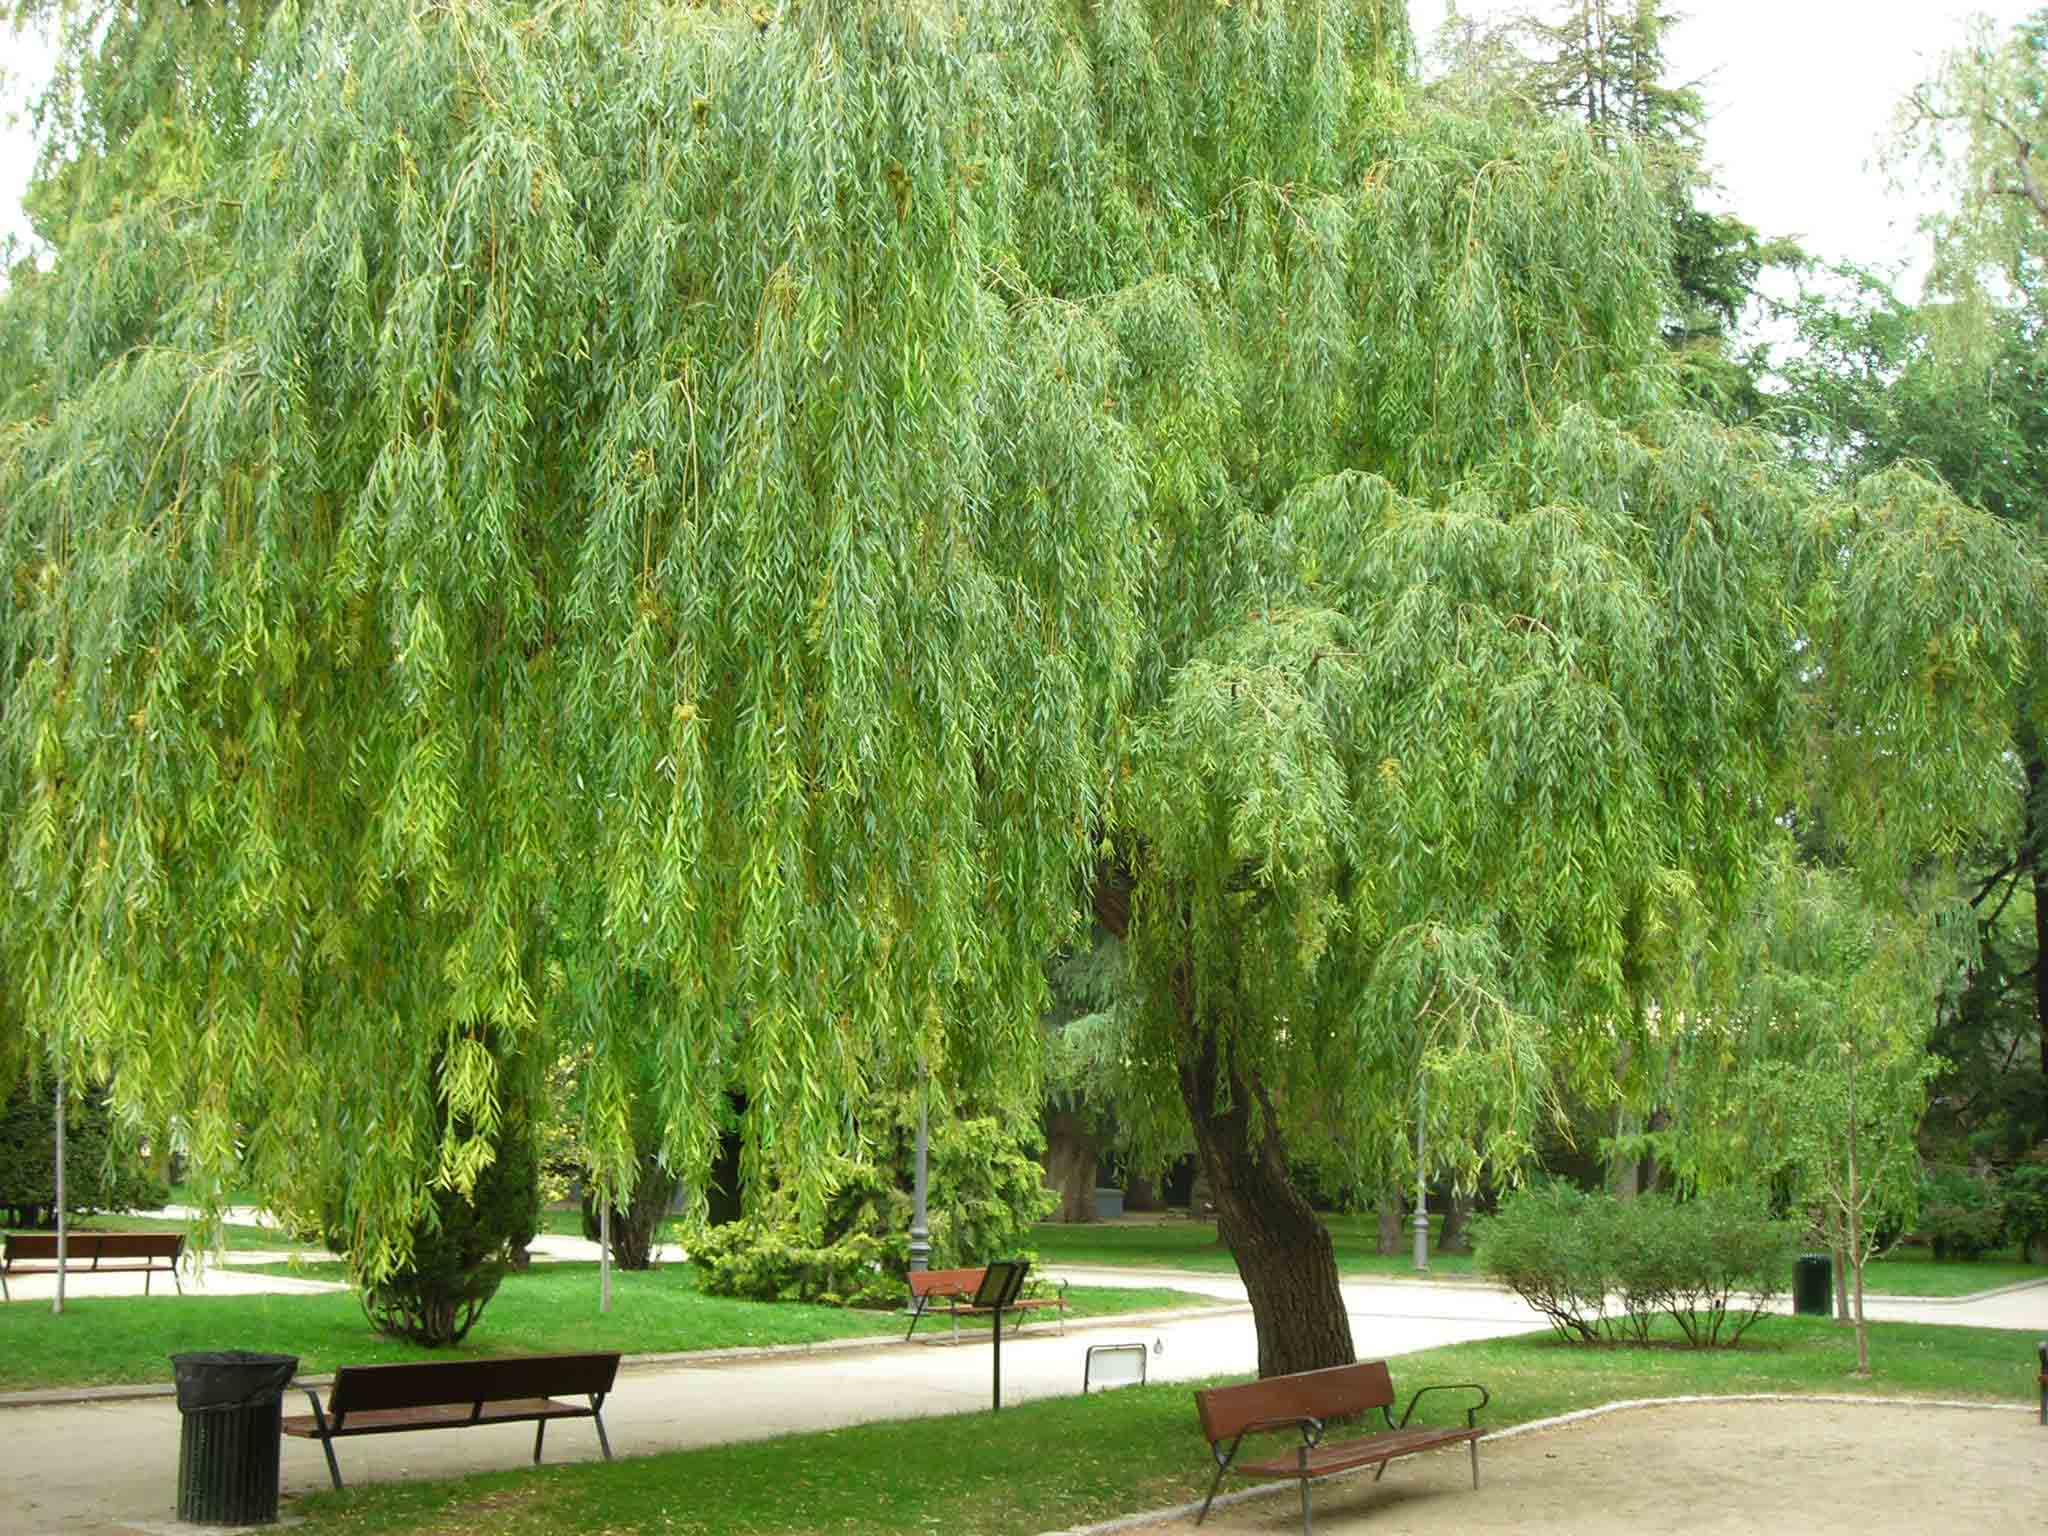 các loại cây ở công viên